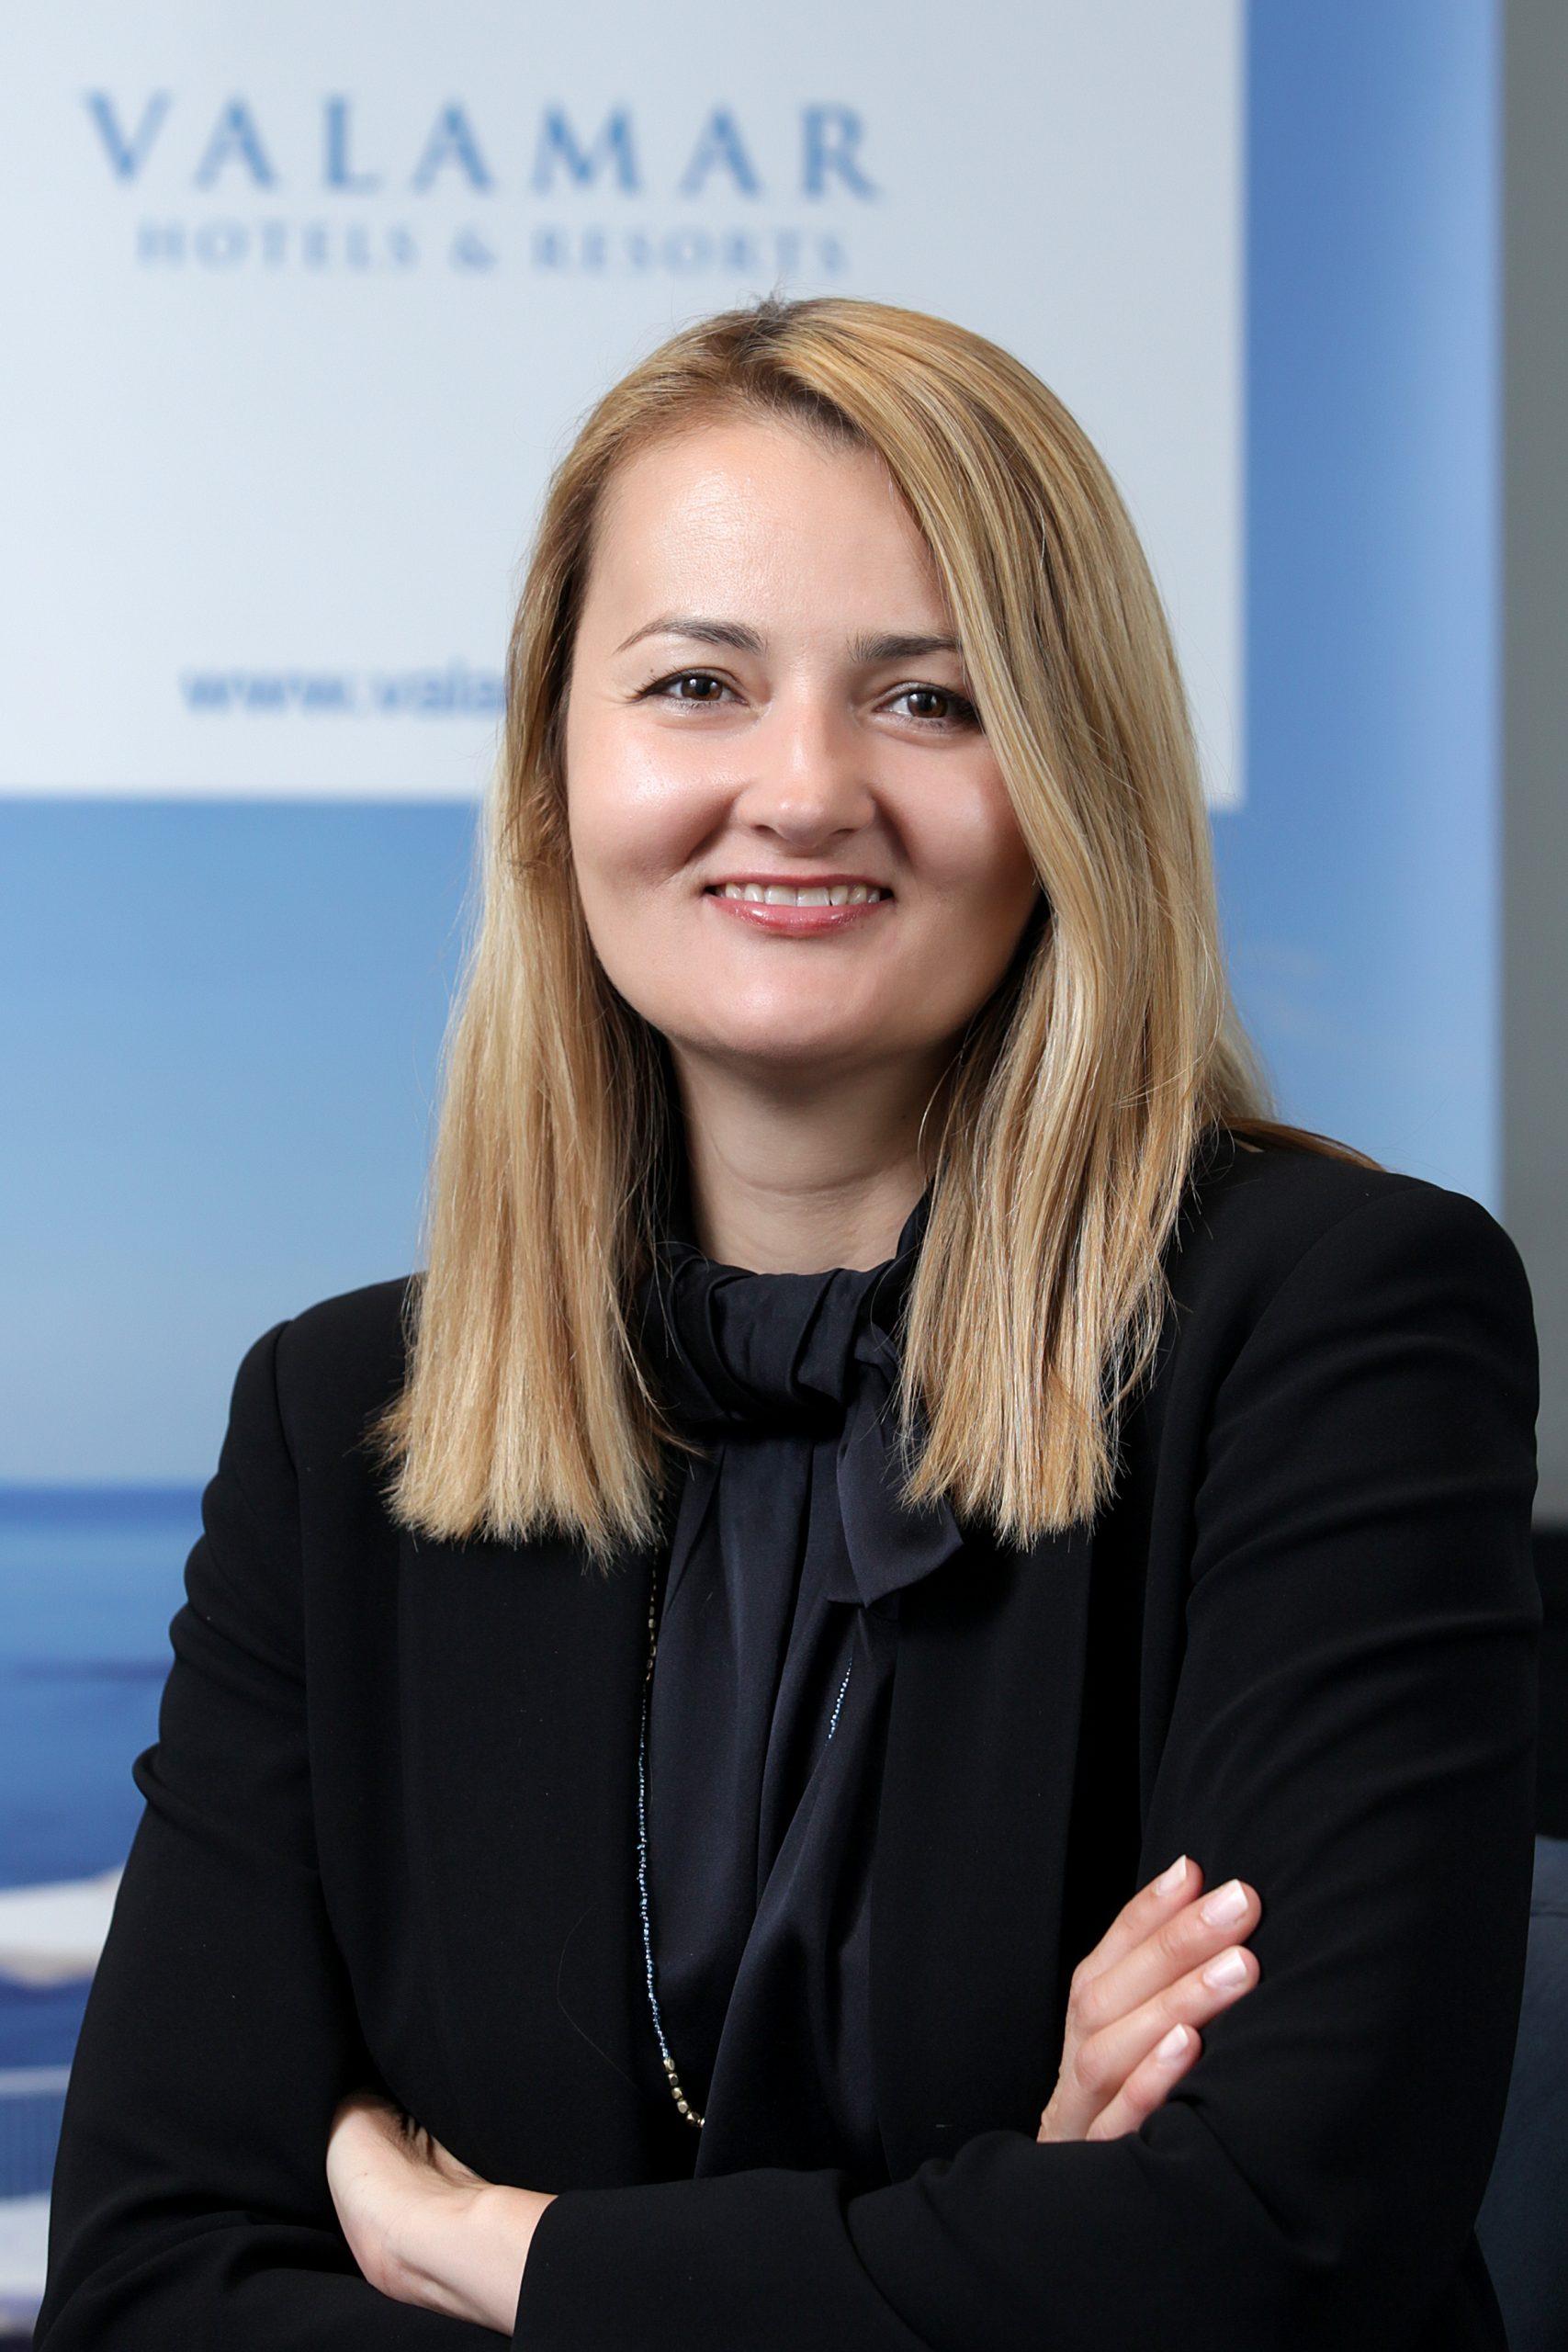 Ivana Budin Arhanić, Vice President of Business Development and Corporate Affairs, Valamar Riviera 1 - hrpsor Hrvatski poslovni savjet za održivi razvoj